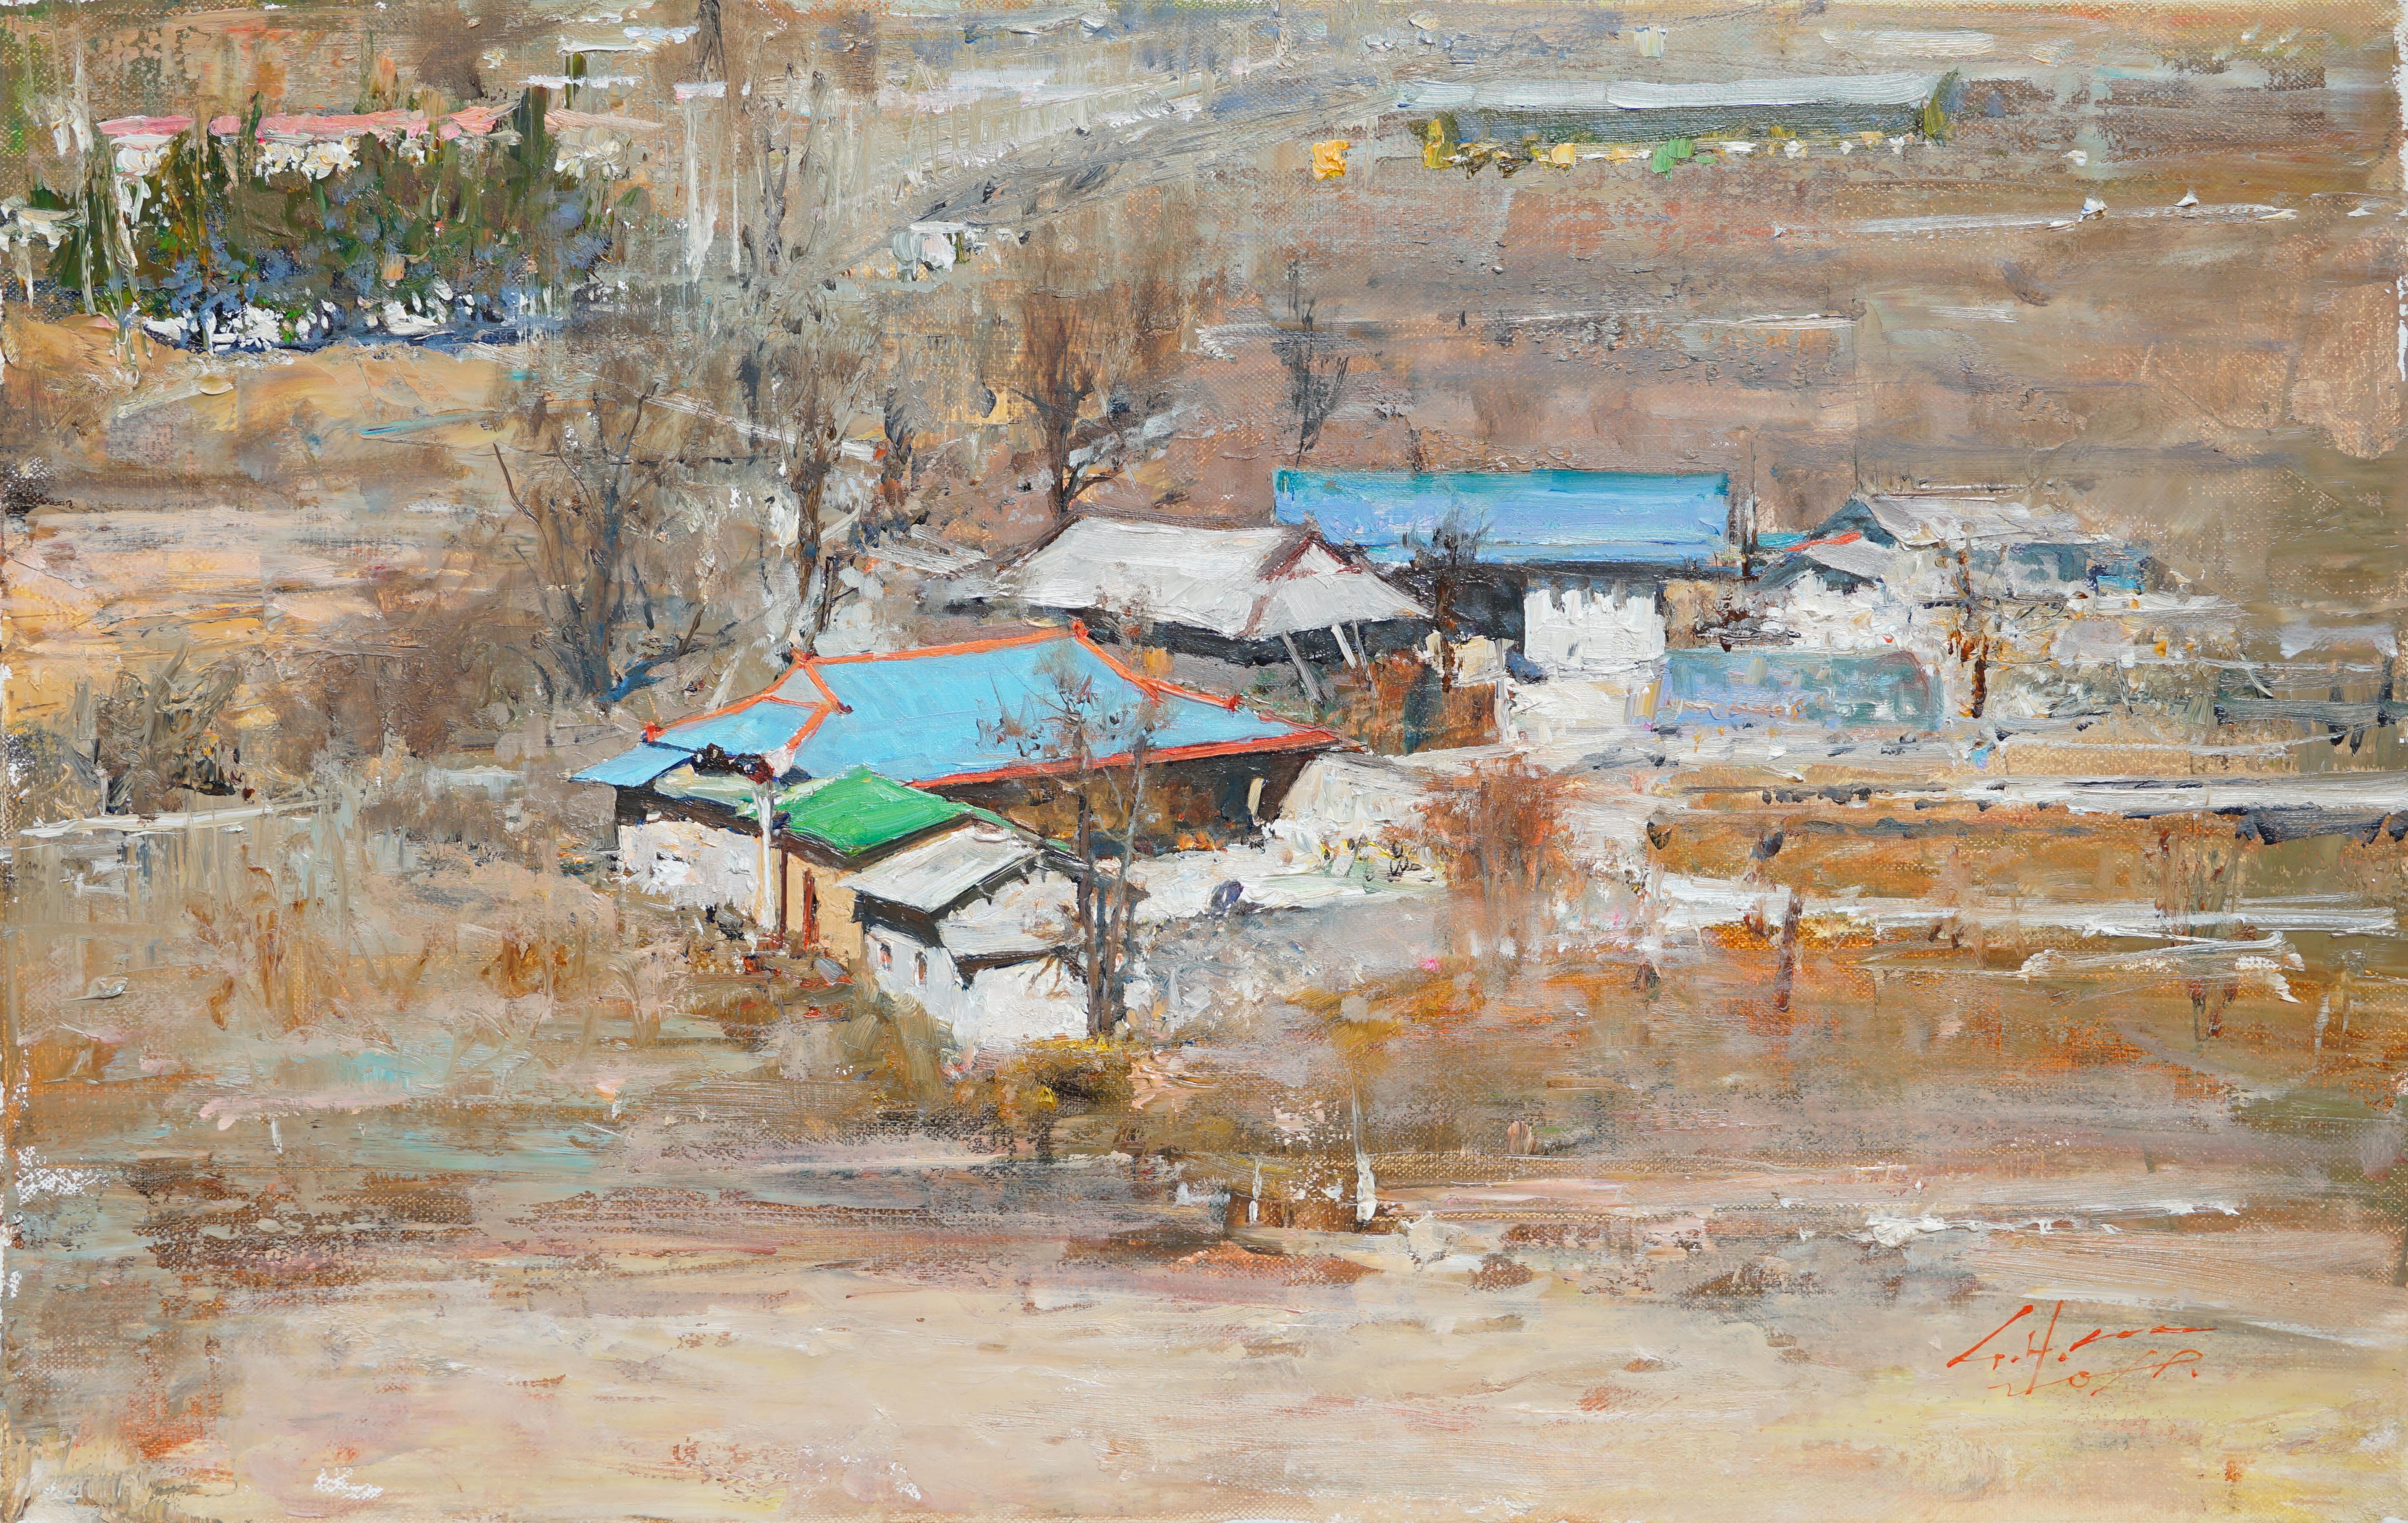 시골인상 33.4x21.2 Oil on canvas 2019